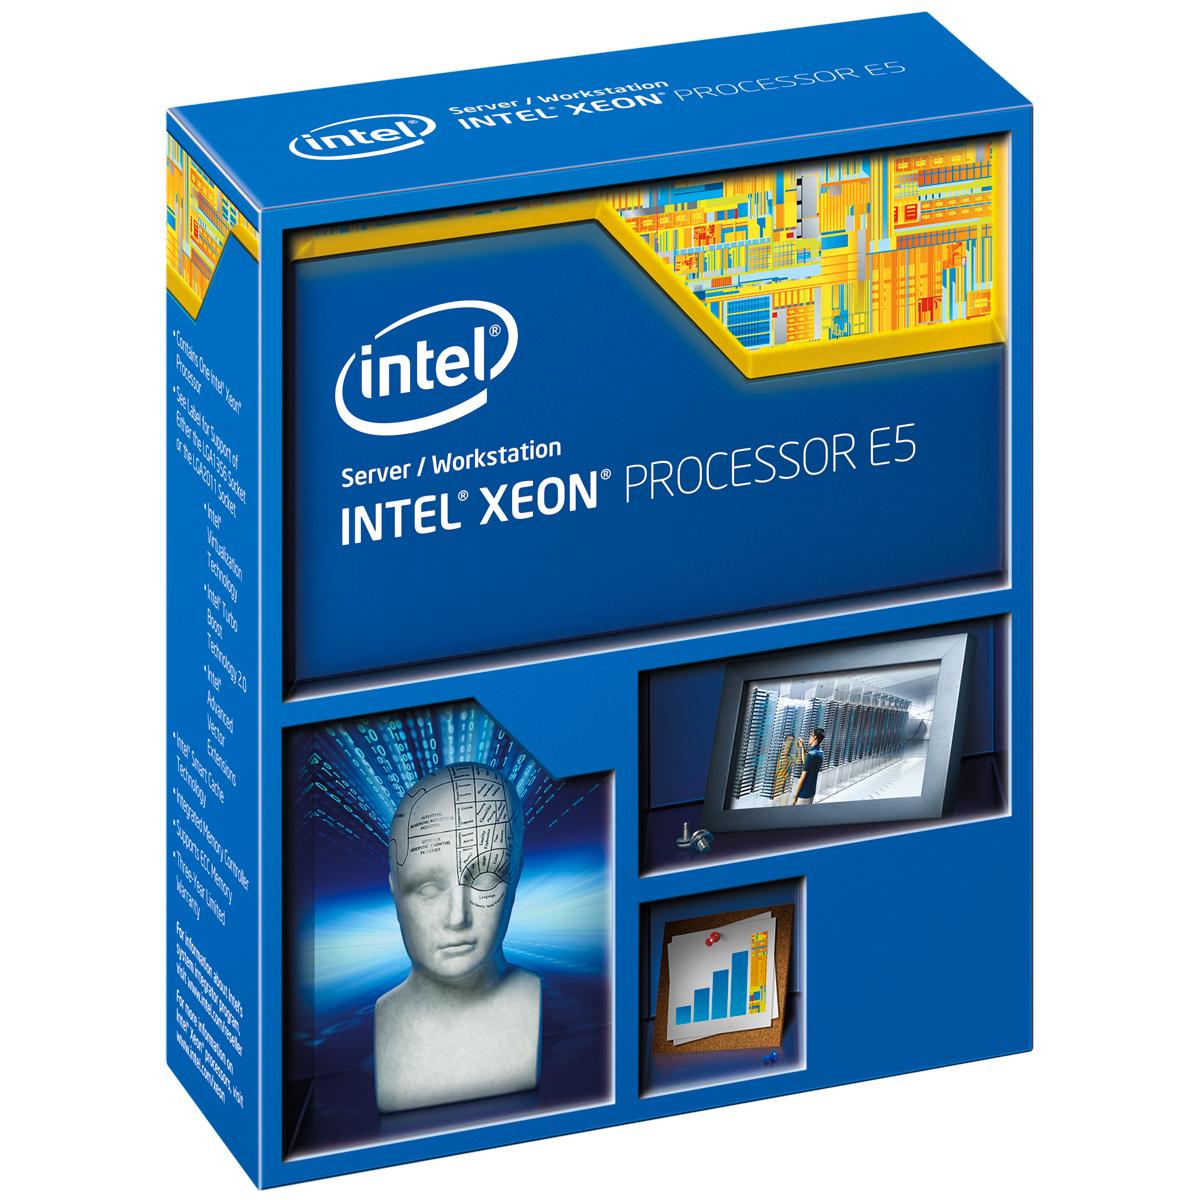 Processeur Intel Xeon E5-2407 v2 (2.4 GHz) Processeur 4-Core Socket 1356 QPI 6.4GT/s Cache 10 Mo 0.022 micron (version boîte/sans ventilateur - garantie Intel 3 ans)